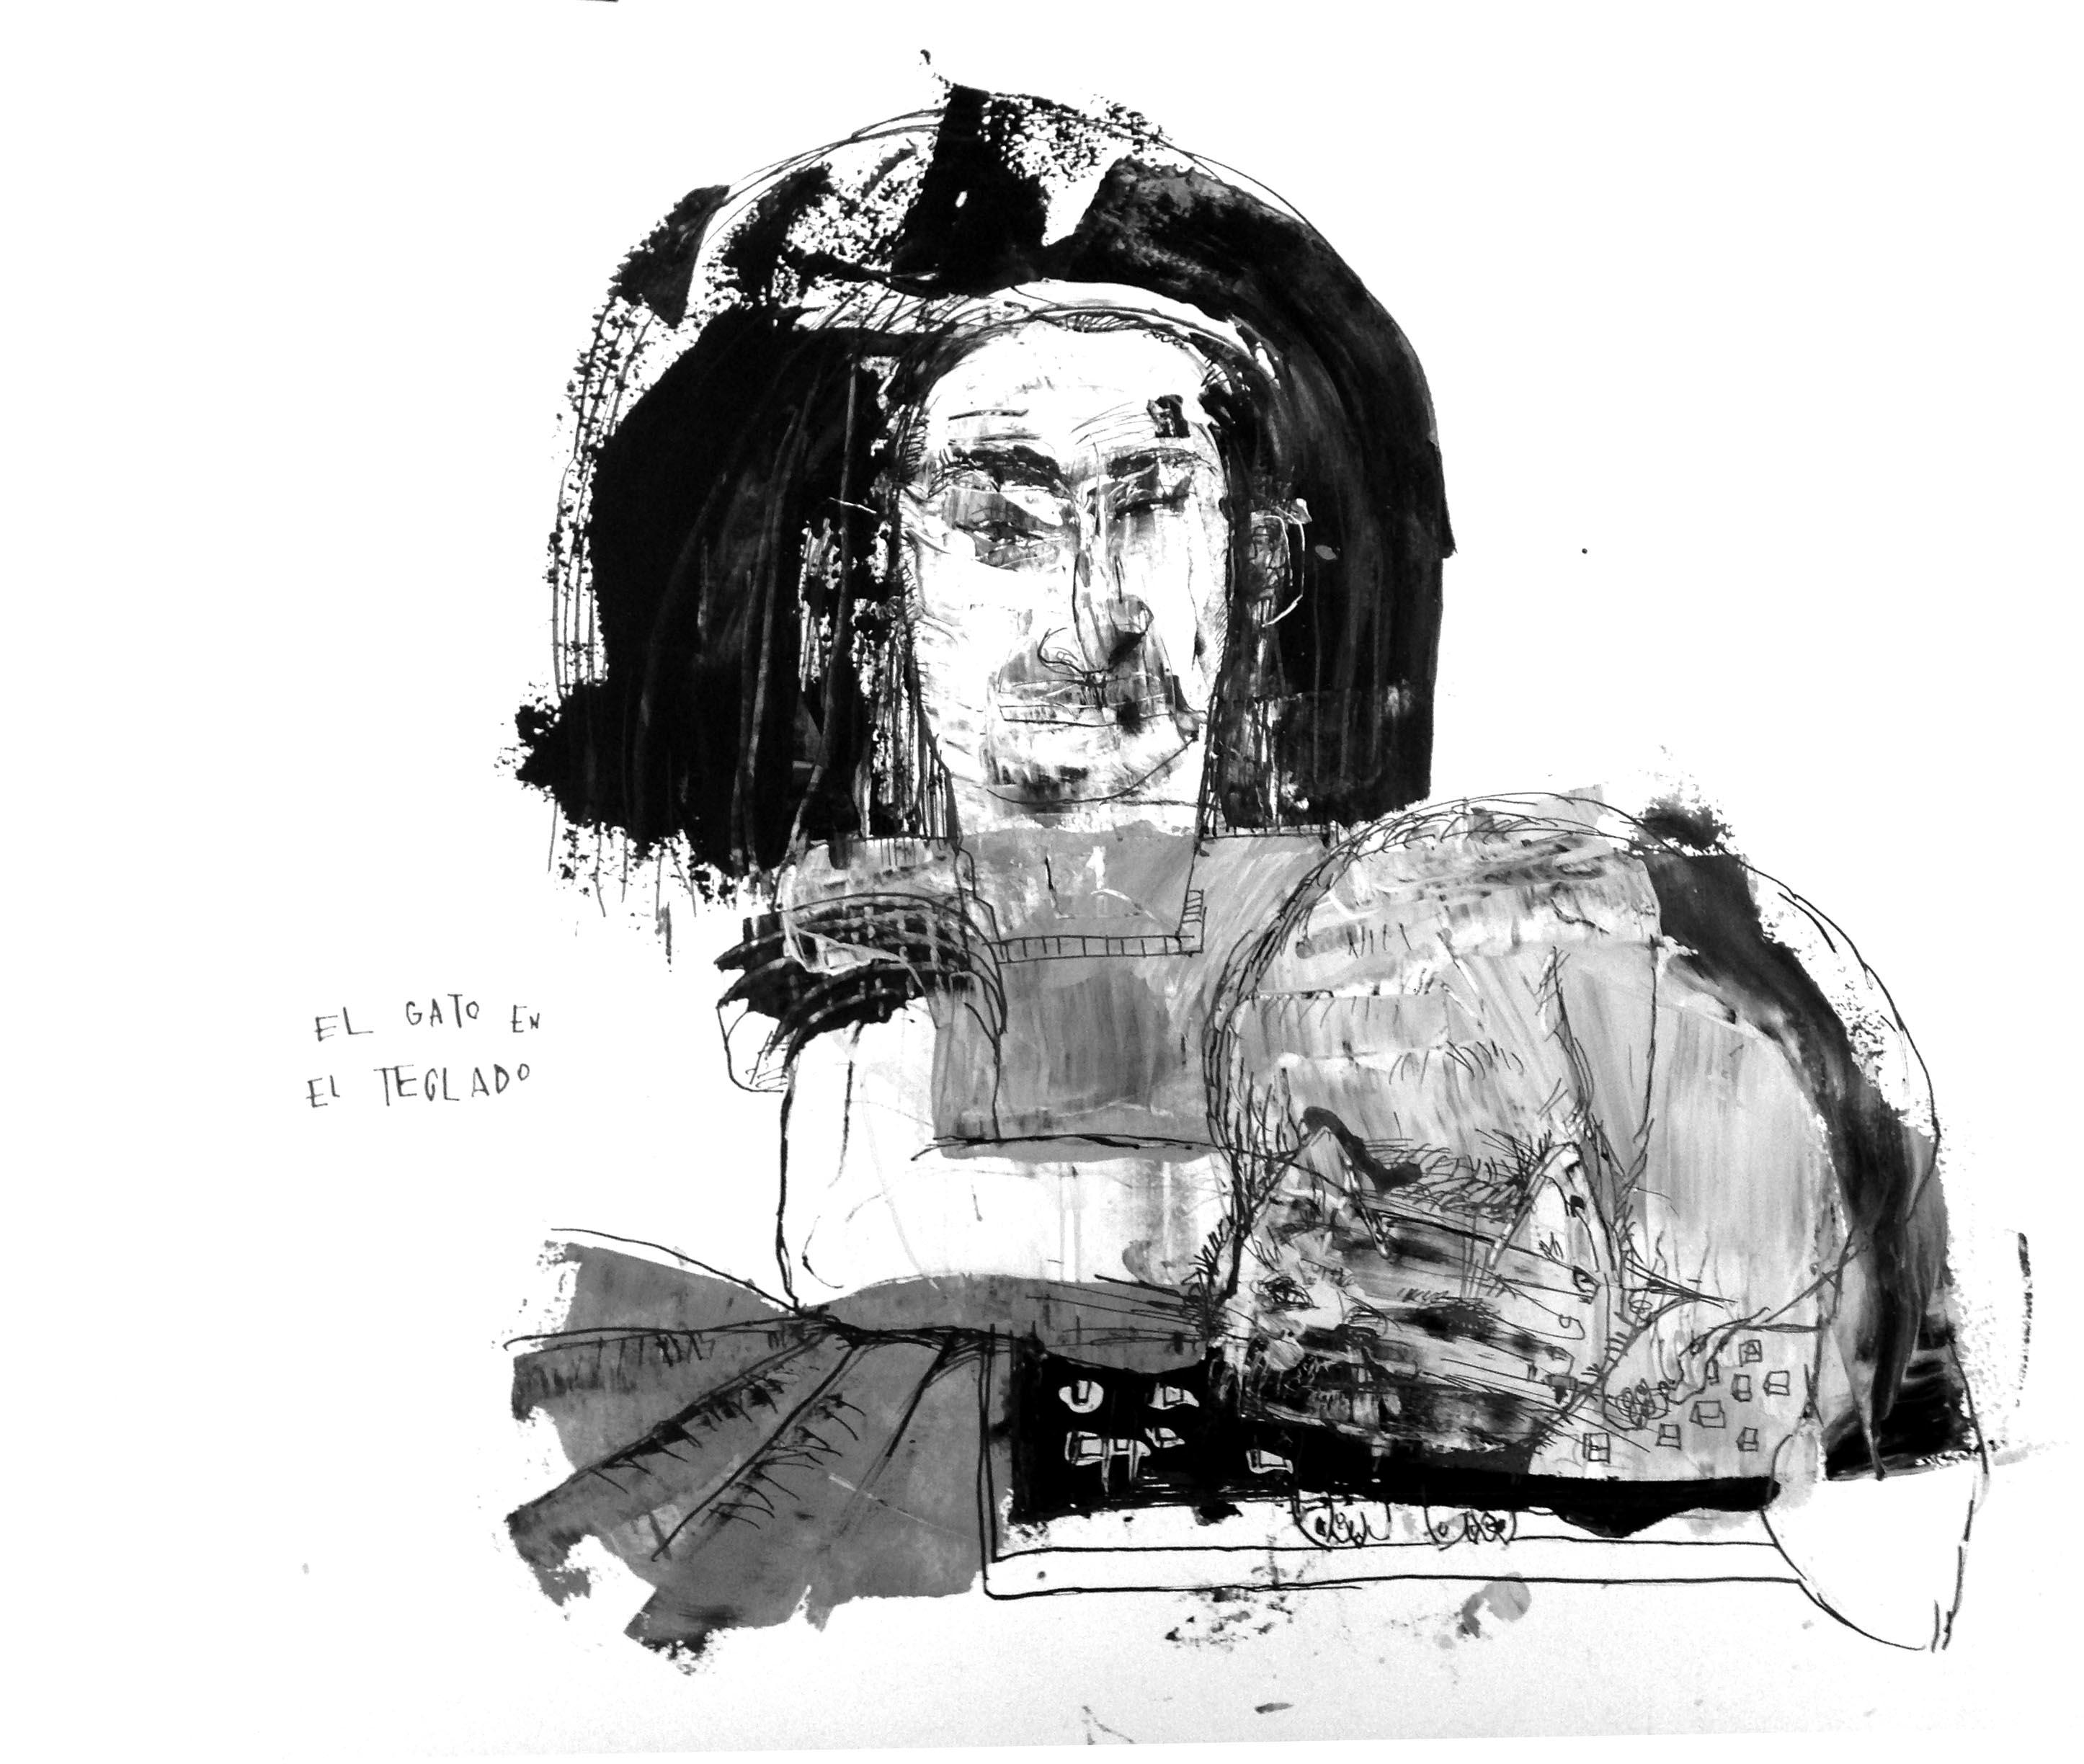 Gato en el teclado (2017) - Eulogia Merle